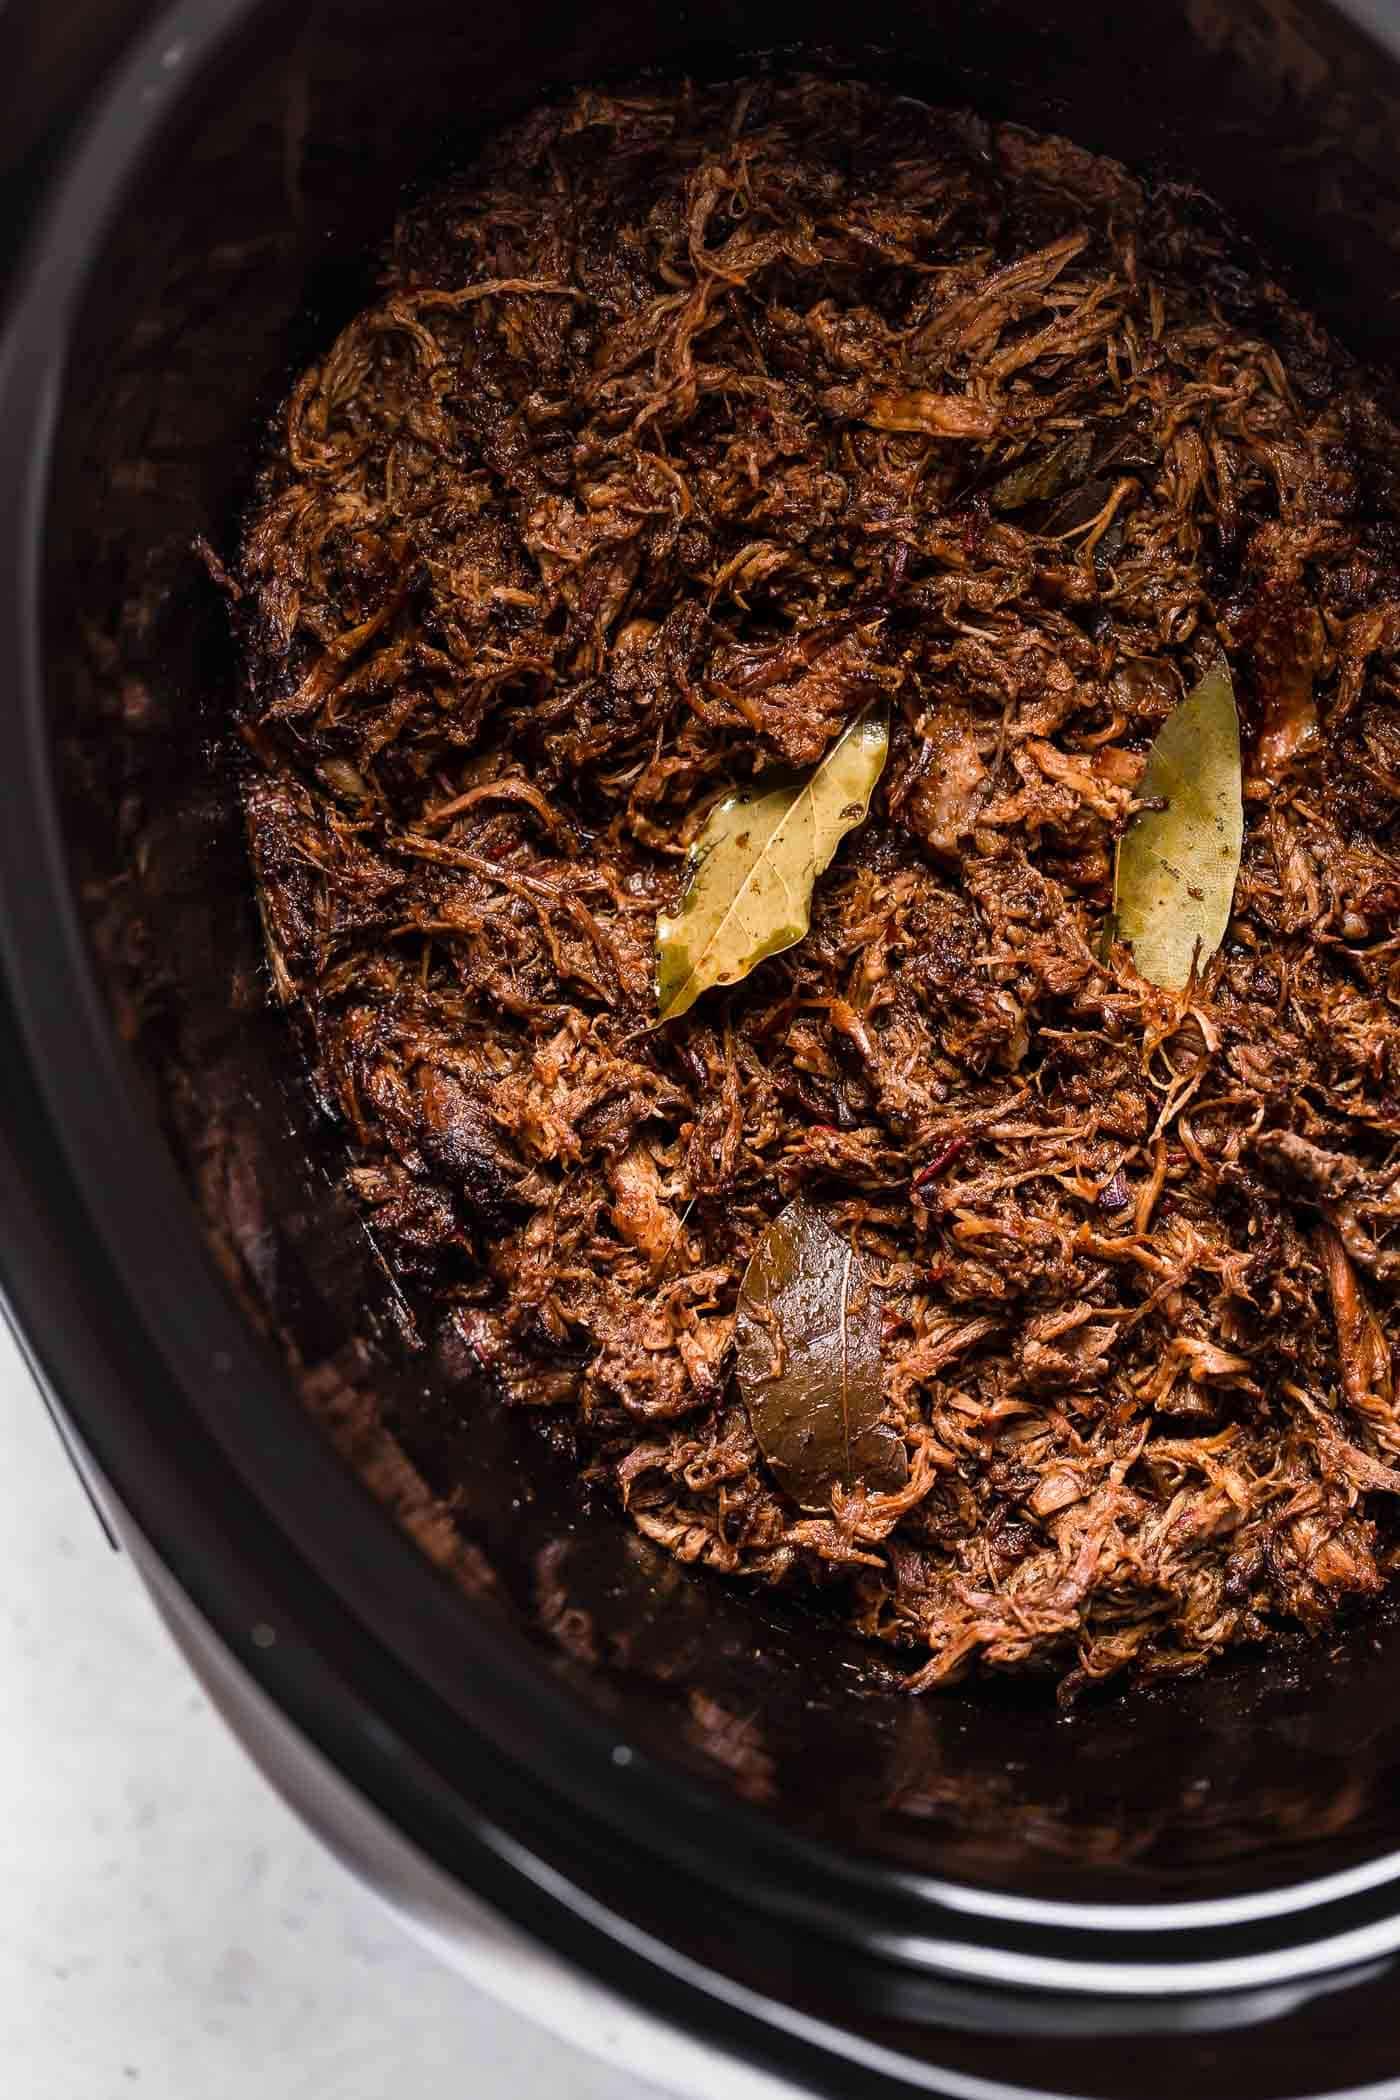 Shredded barbacoa beef in a crock pot.